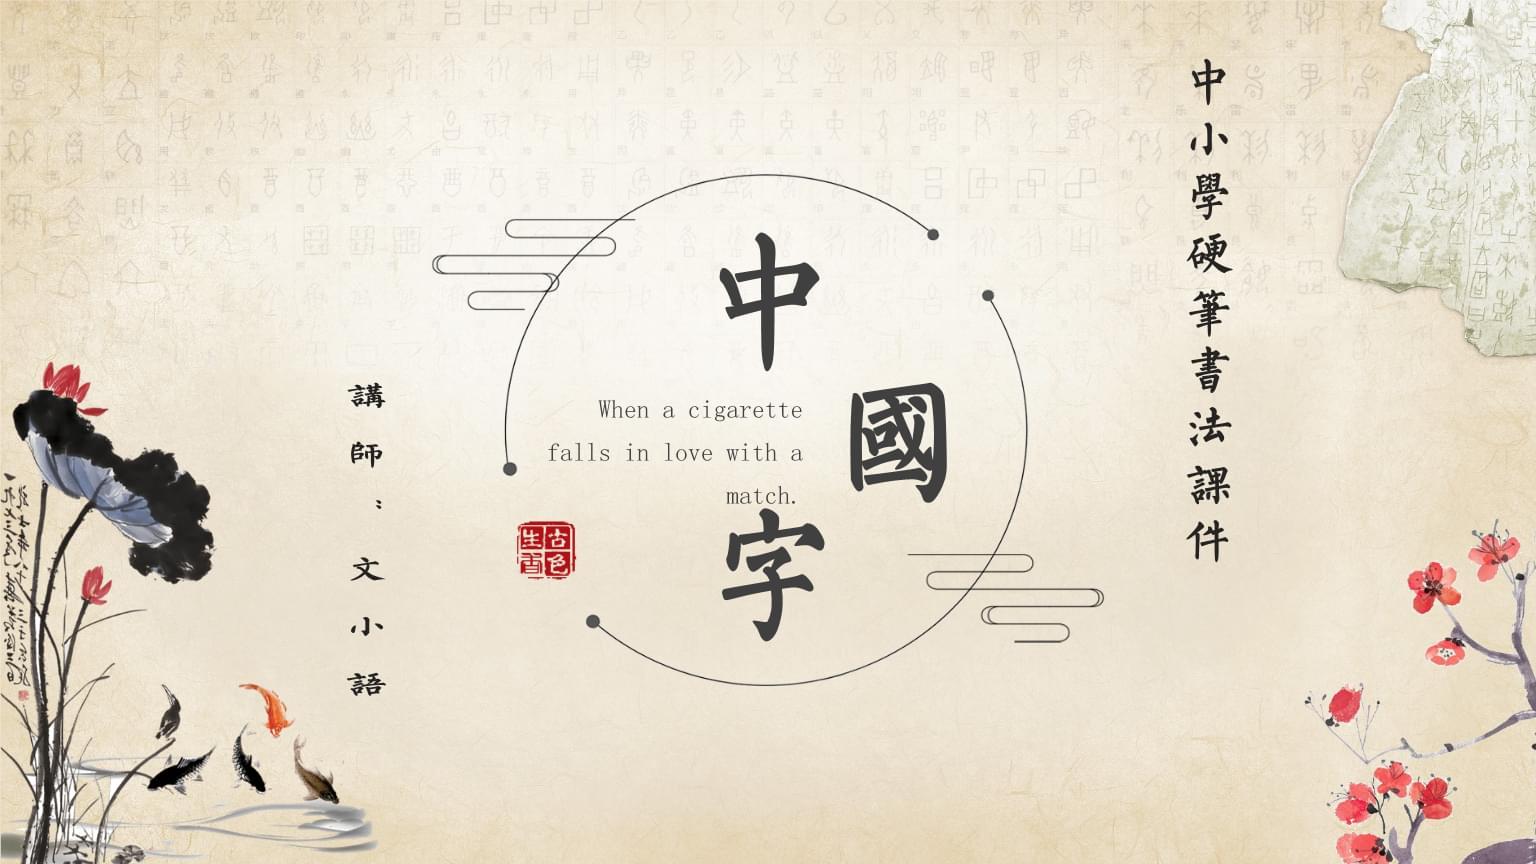 中小学书法教学课件中国书法史.ppt